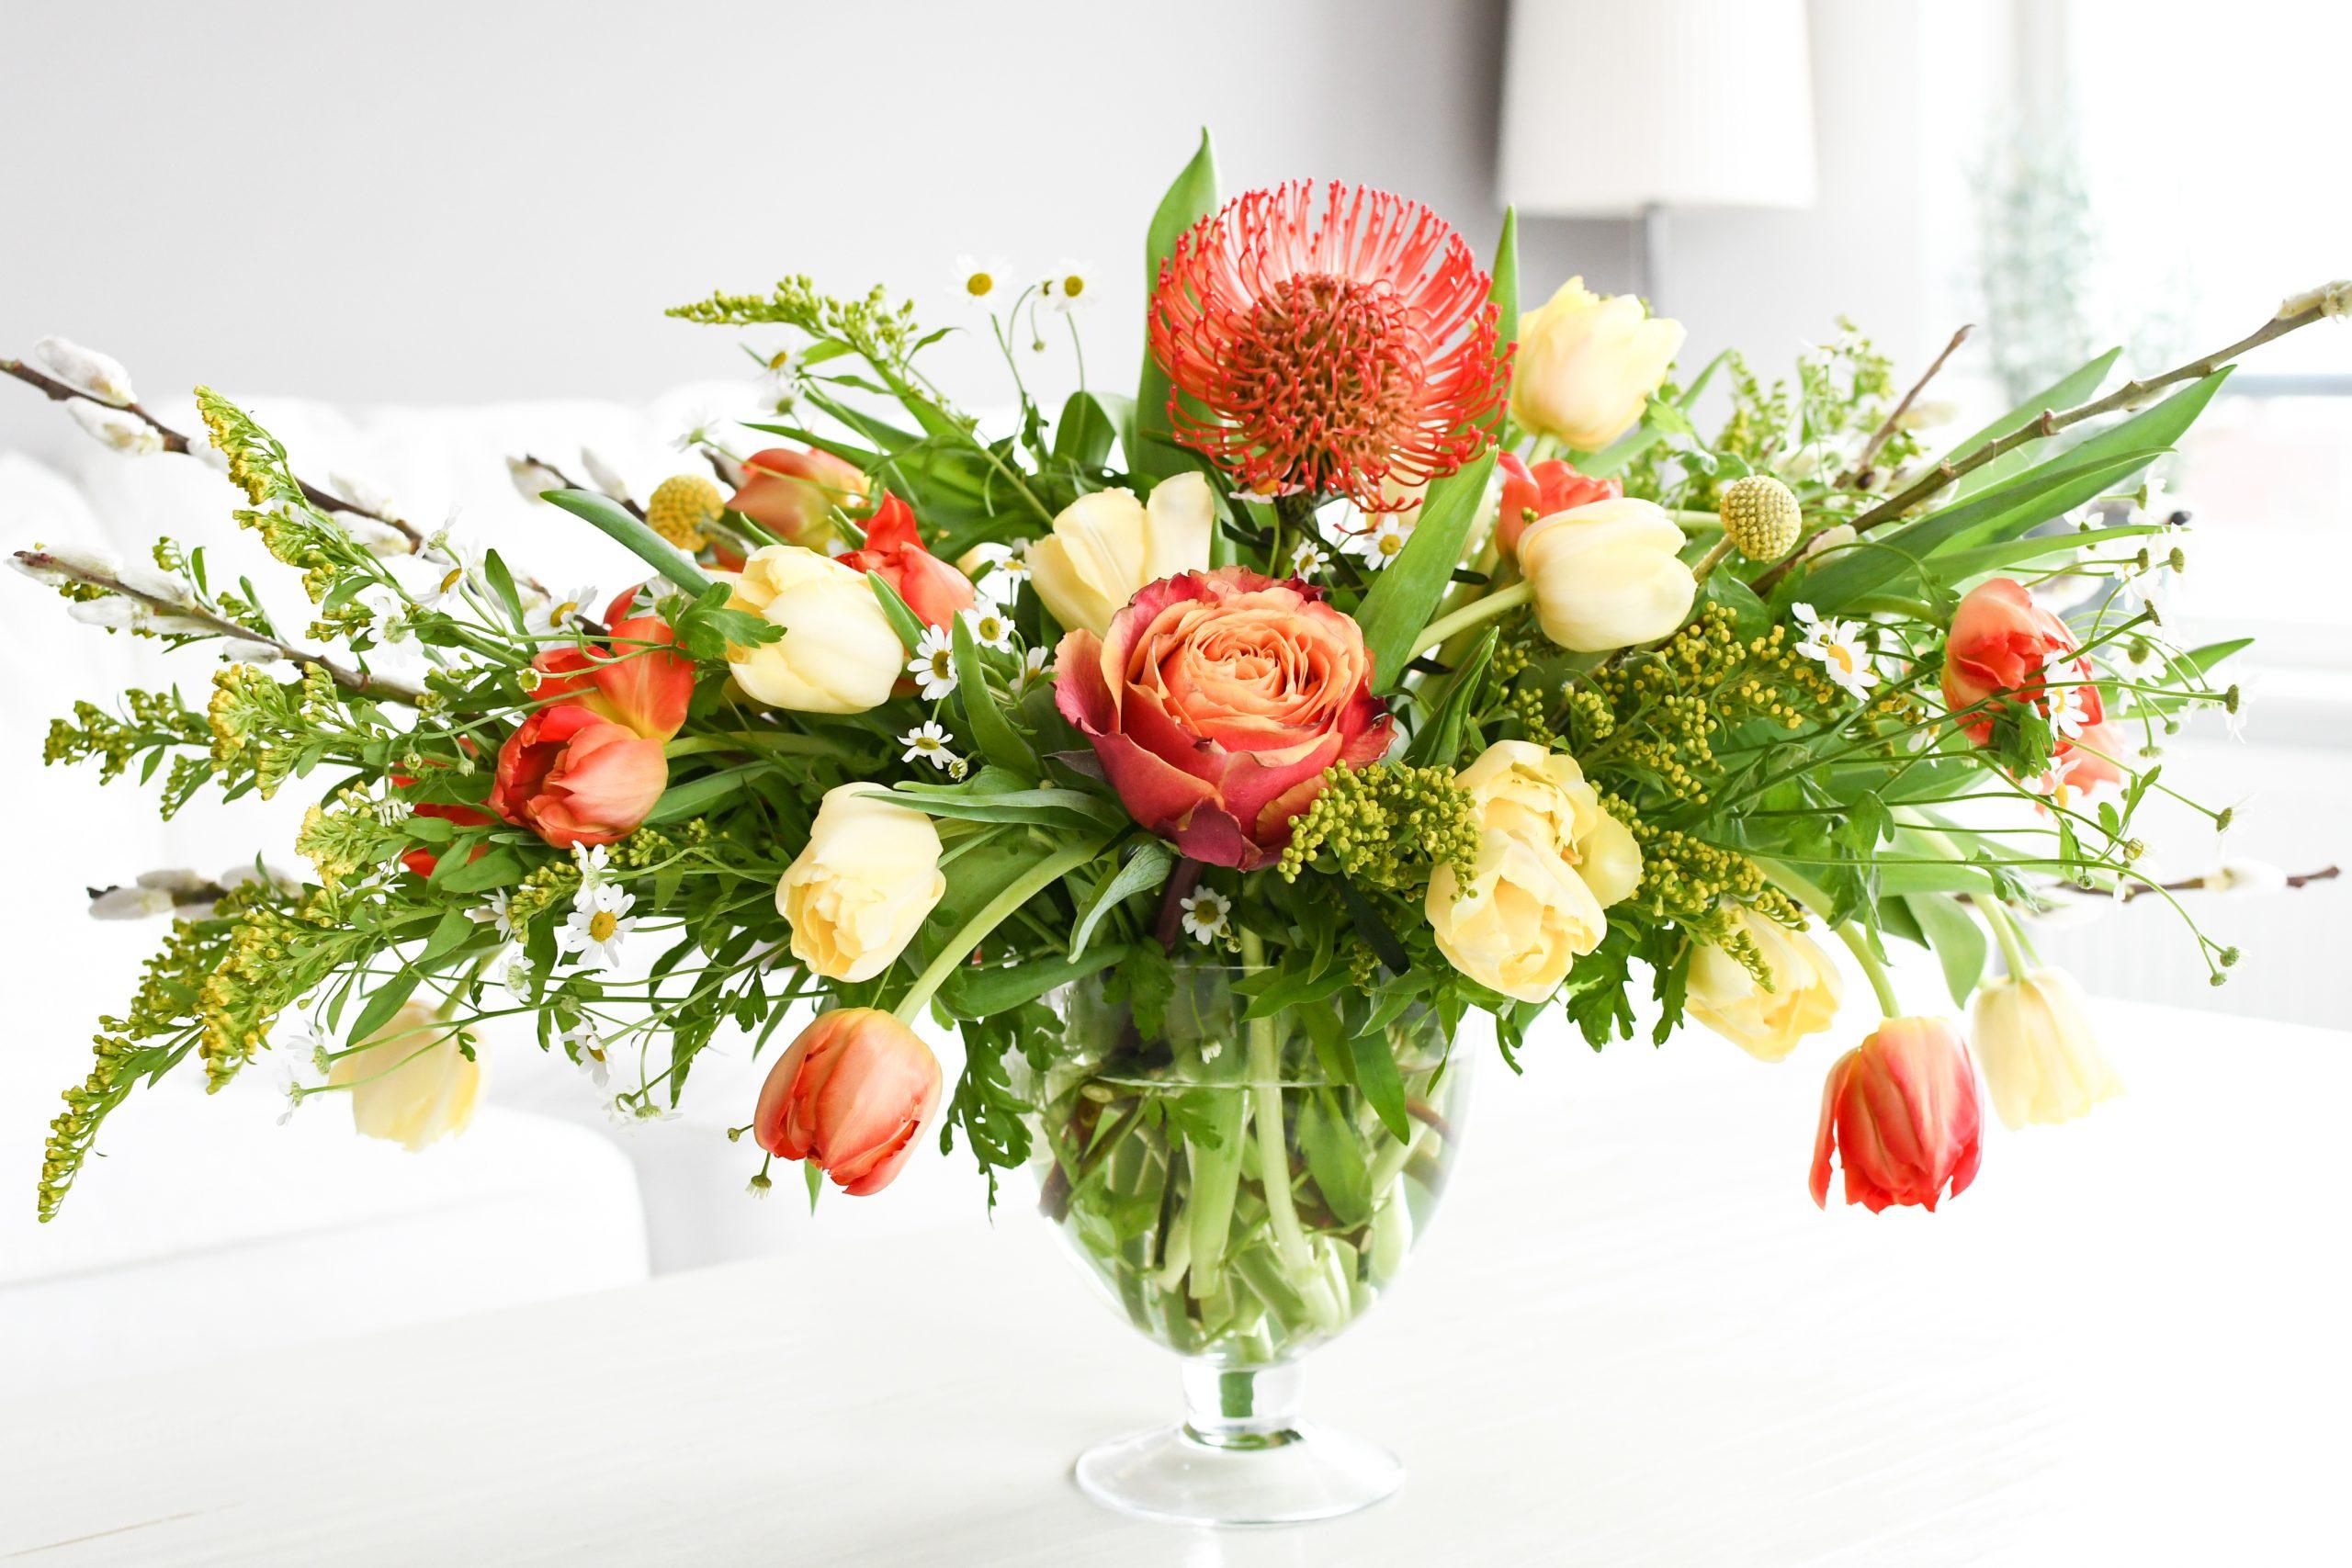 voorjaarsboeket met tulpen